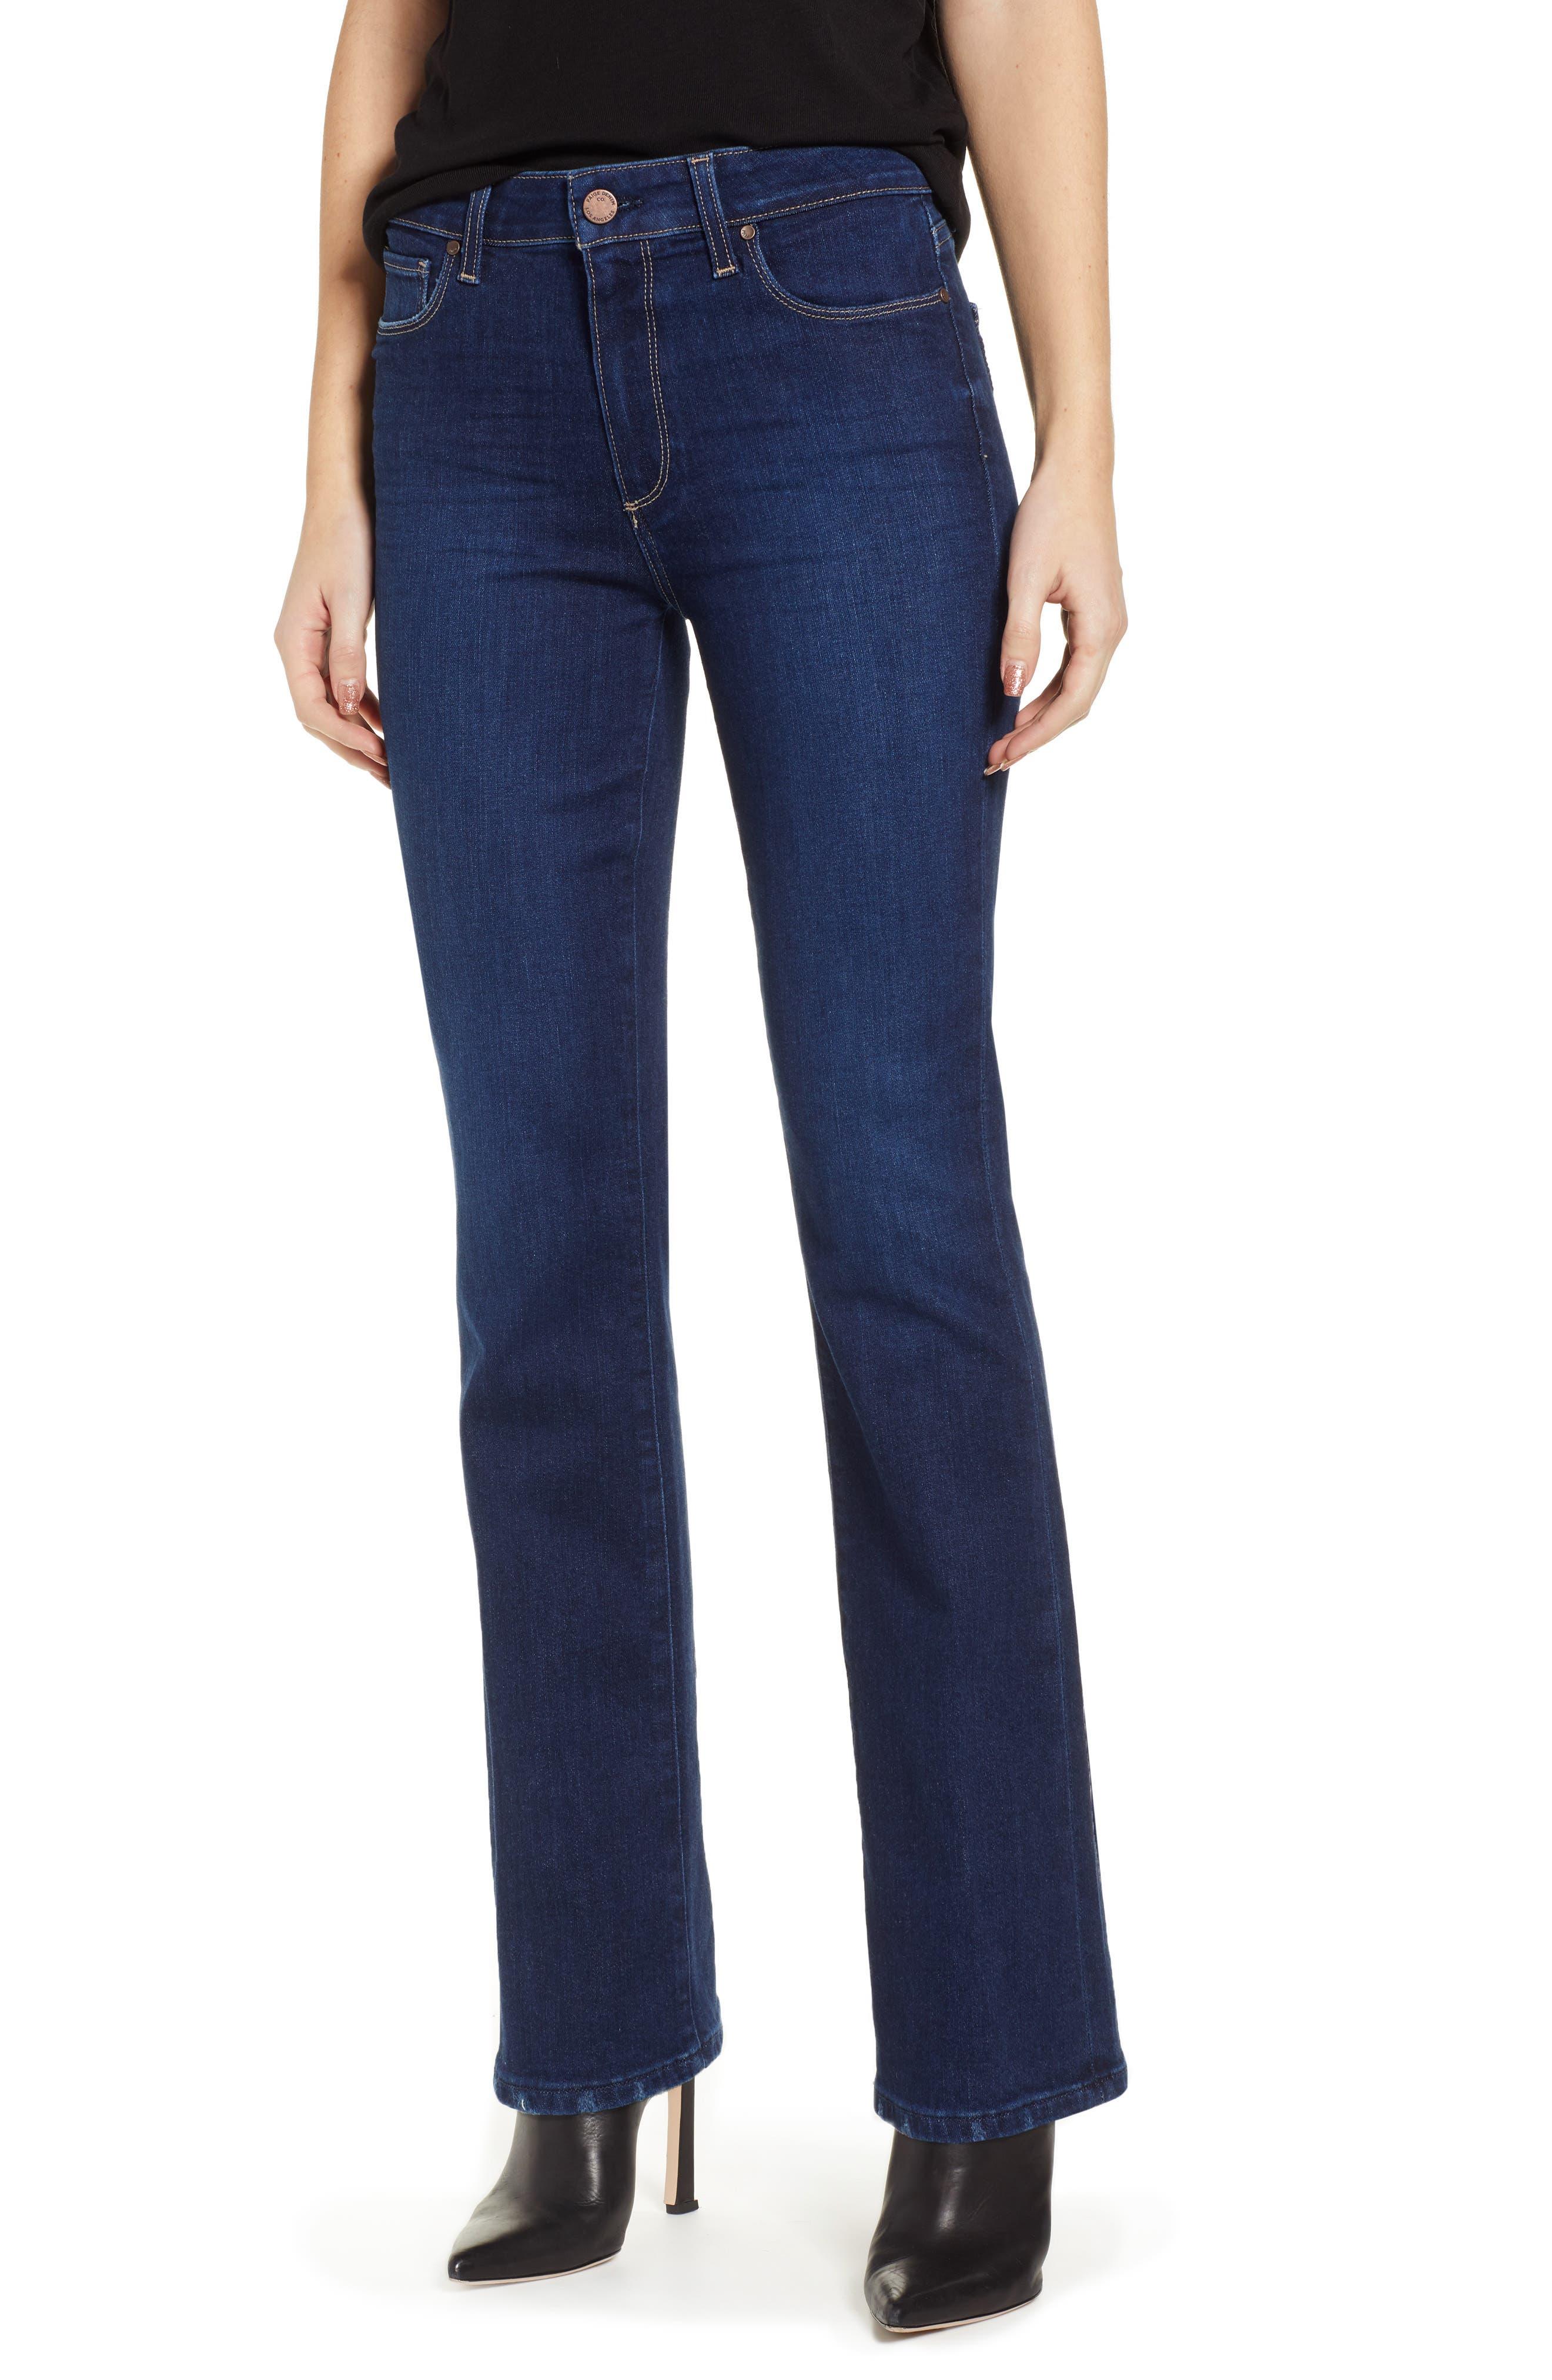 PAIGE Transcend Vintage - Manhattan High Waist Bootcut Jeans, Main, color, 400